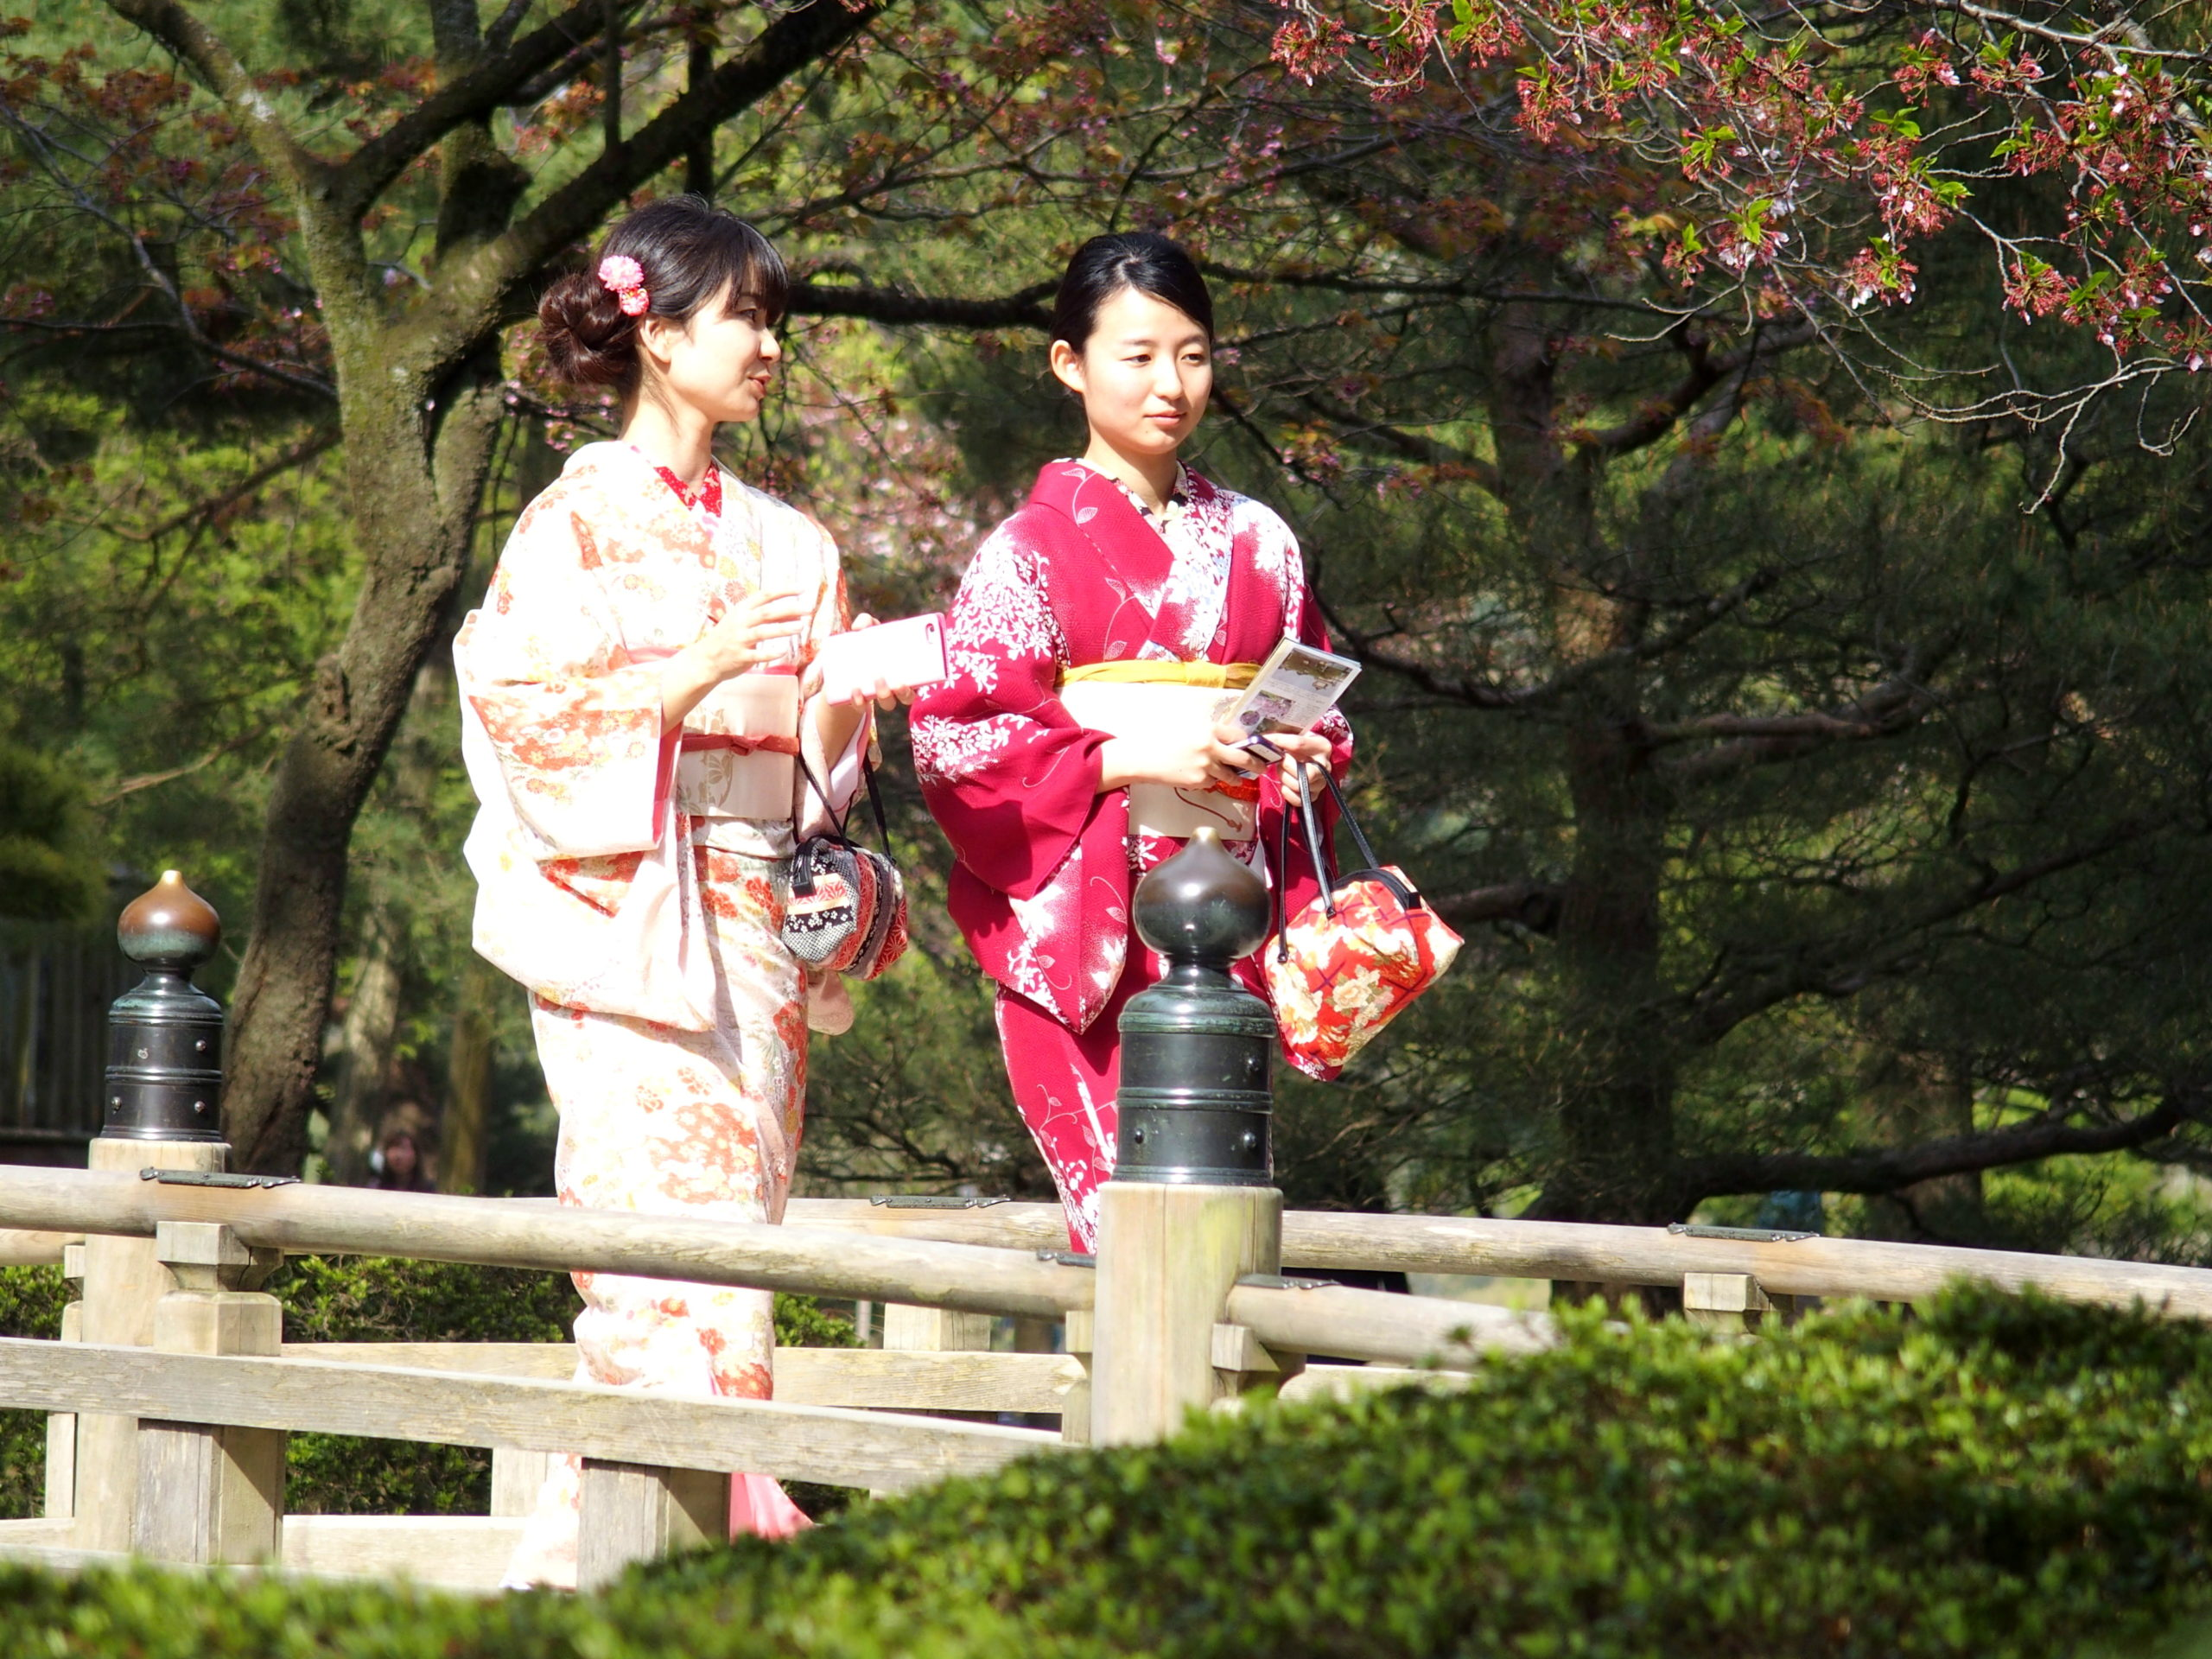 Jeunes japonaises sur pont en bois jardin Kerokuen Kanazawa Japon